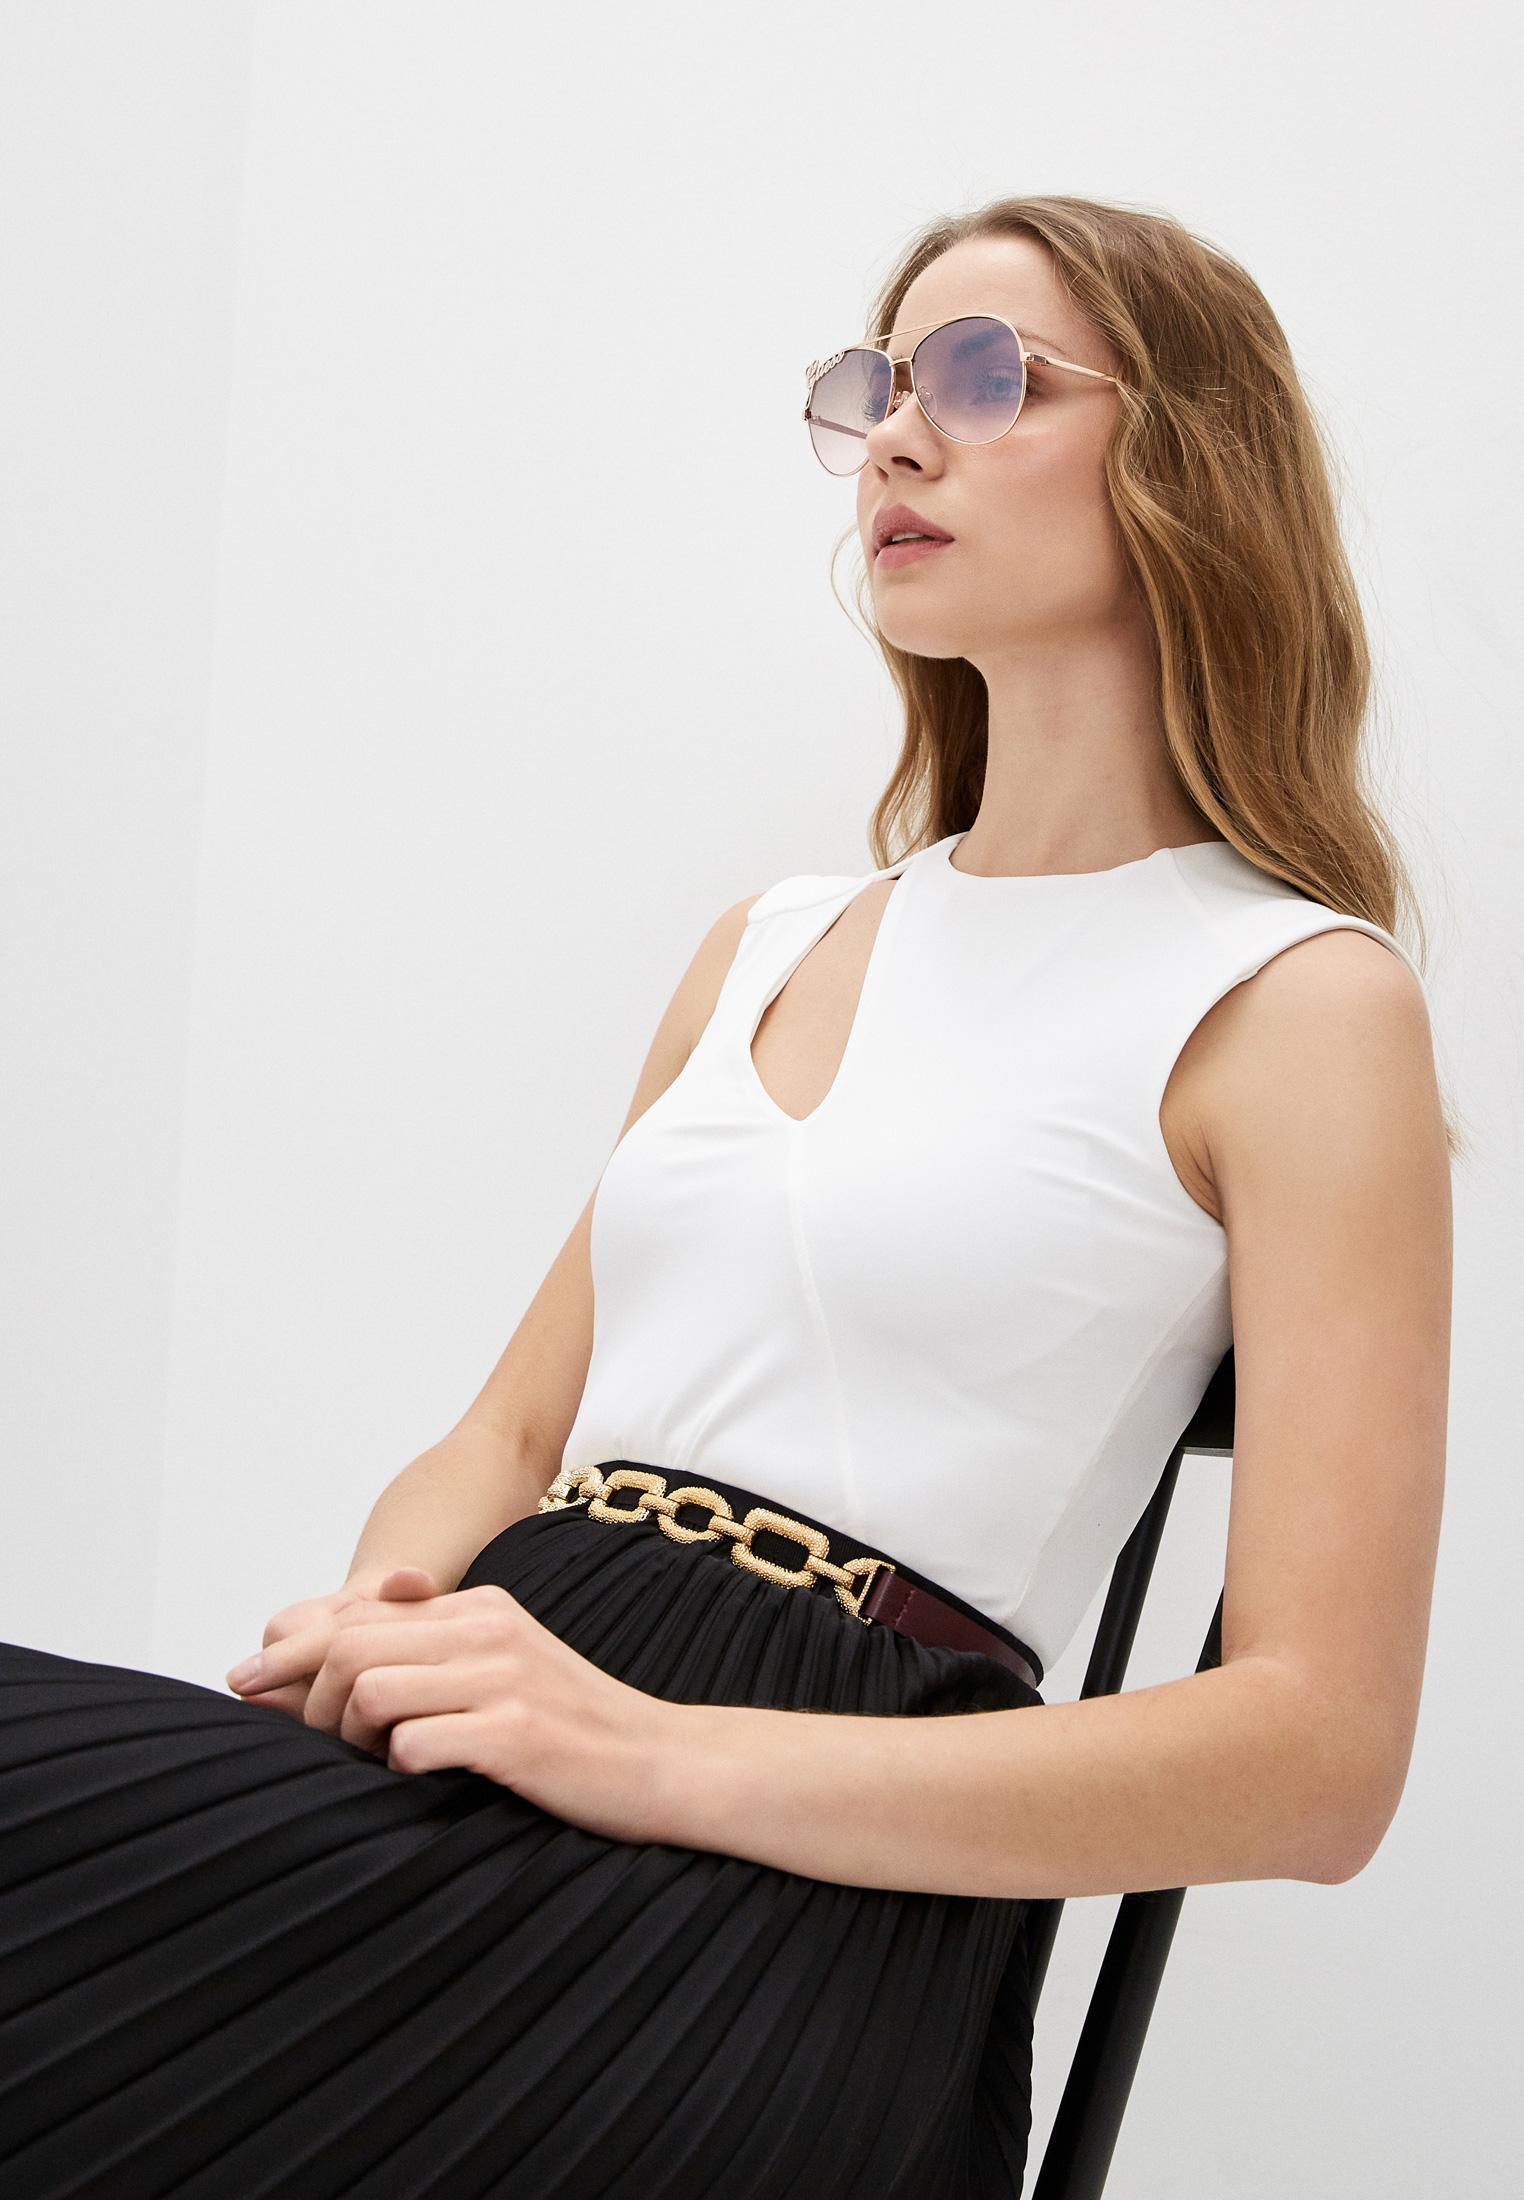 Женские солнцезащитные очки Guess (Гесс) GUS 7739 28G 64: изображение 4